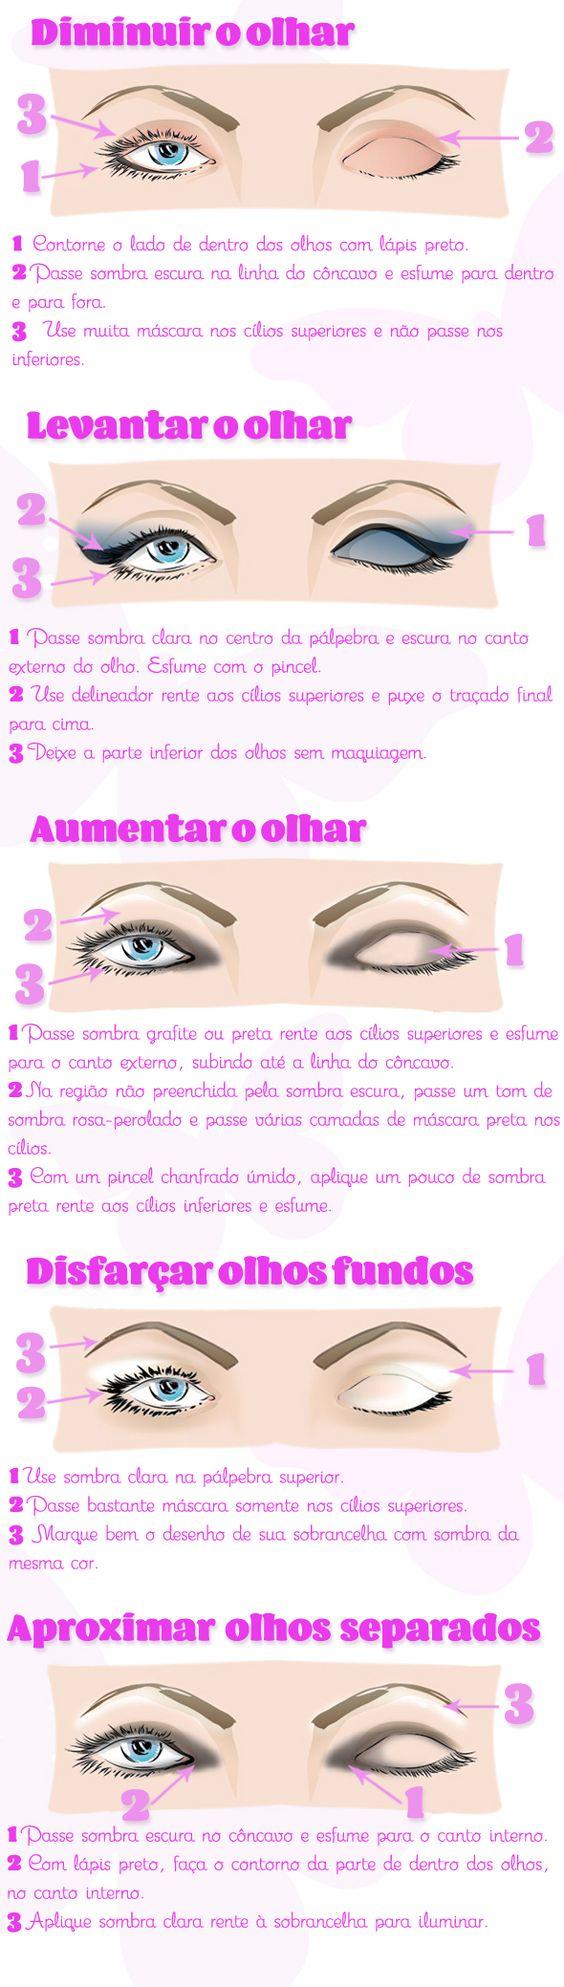 Ilustração com as dicas para disfarçar imperfeições com maquiagem: